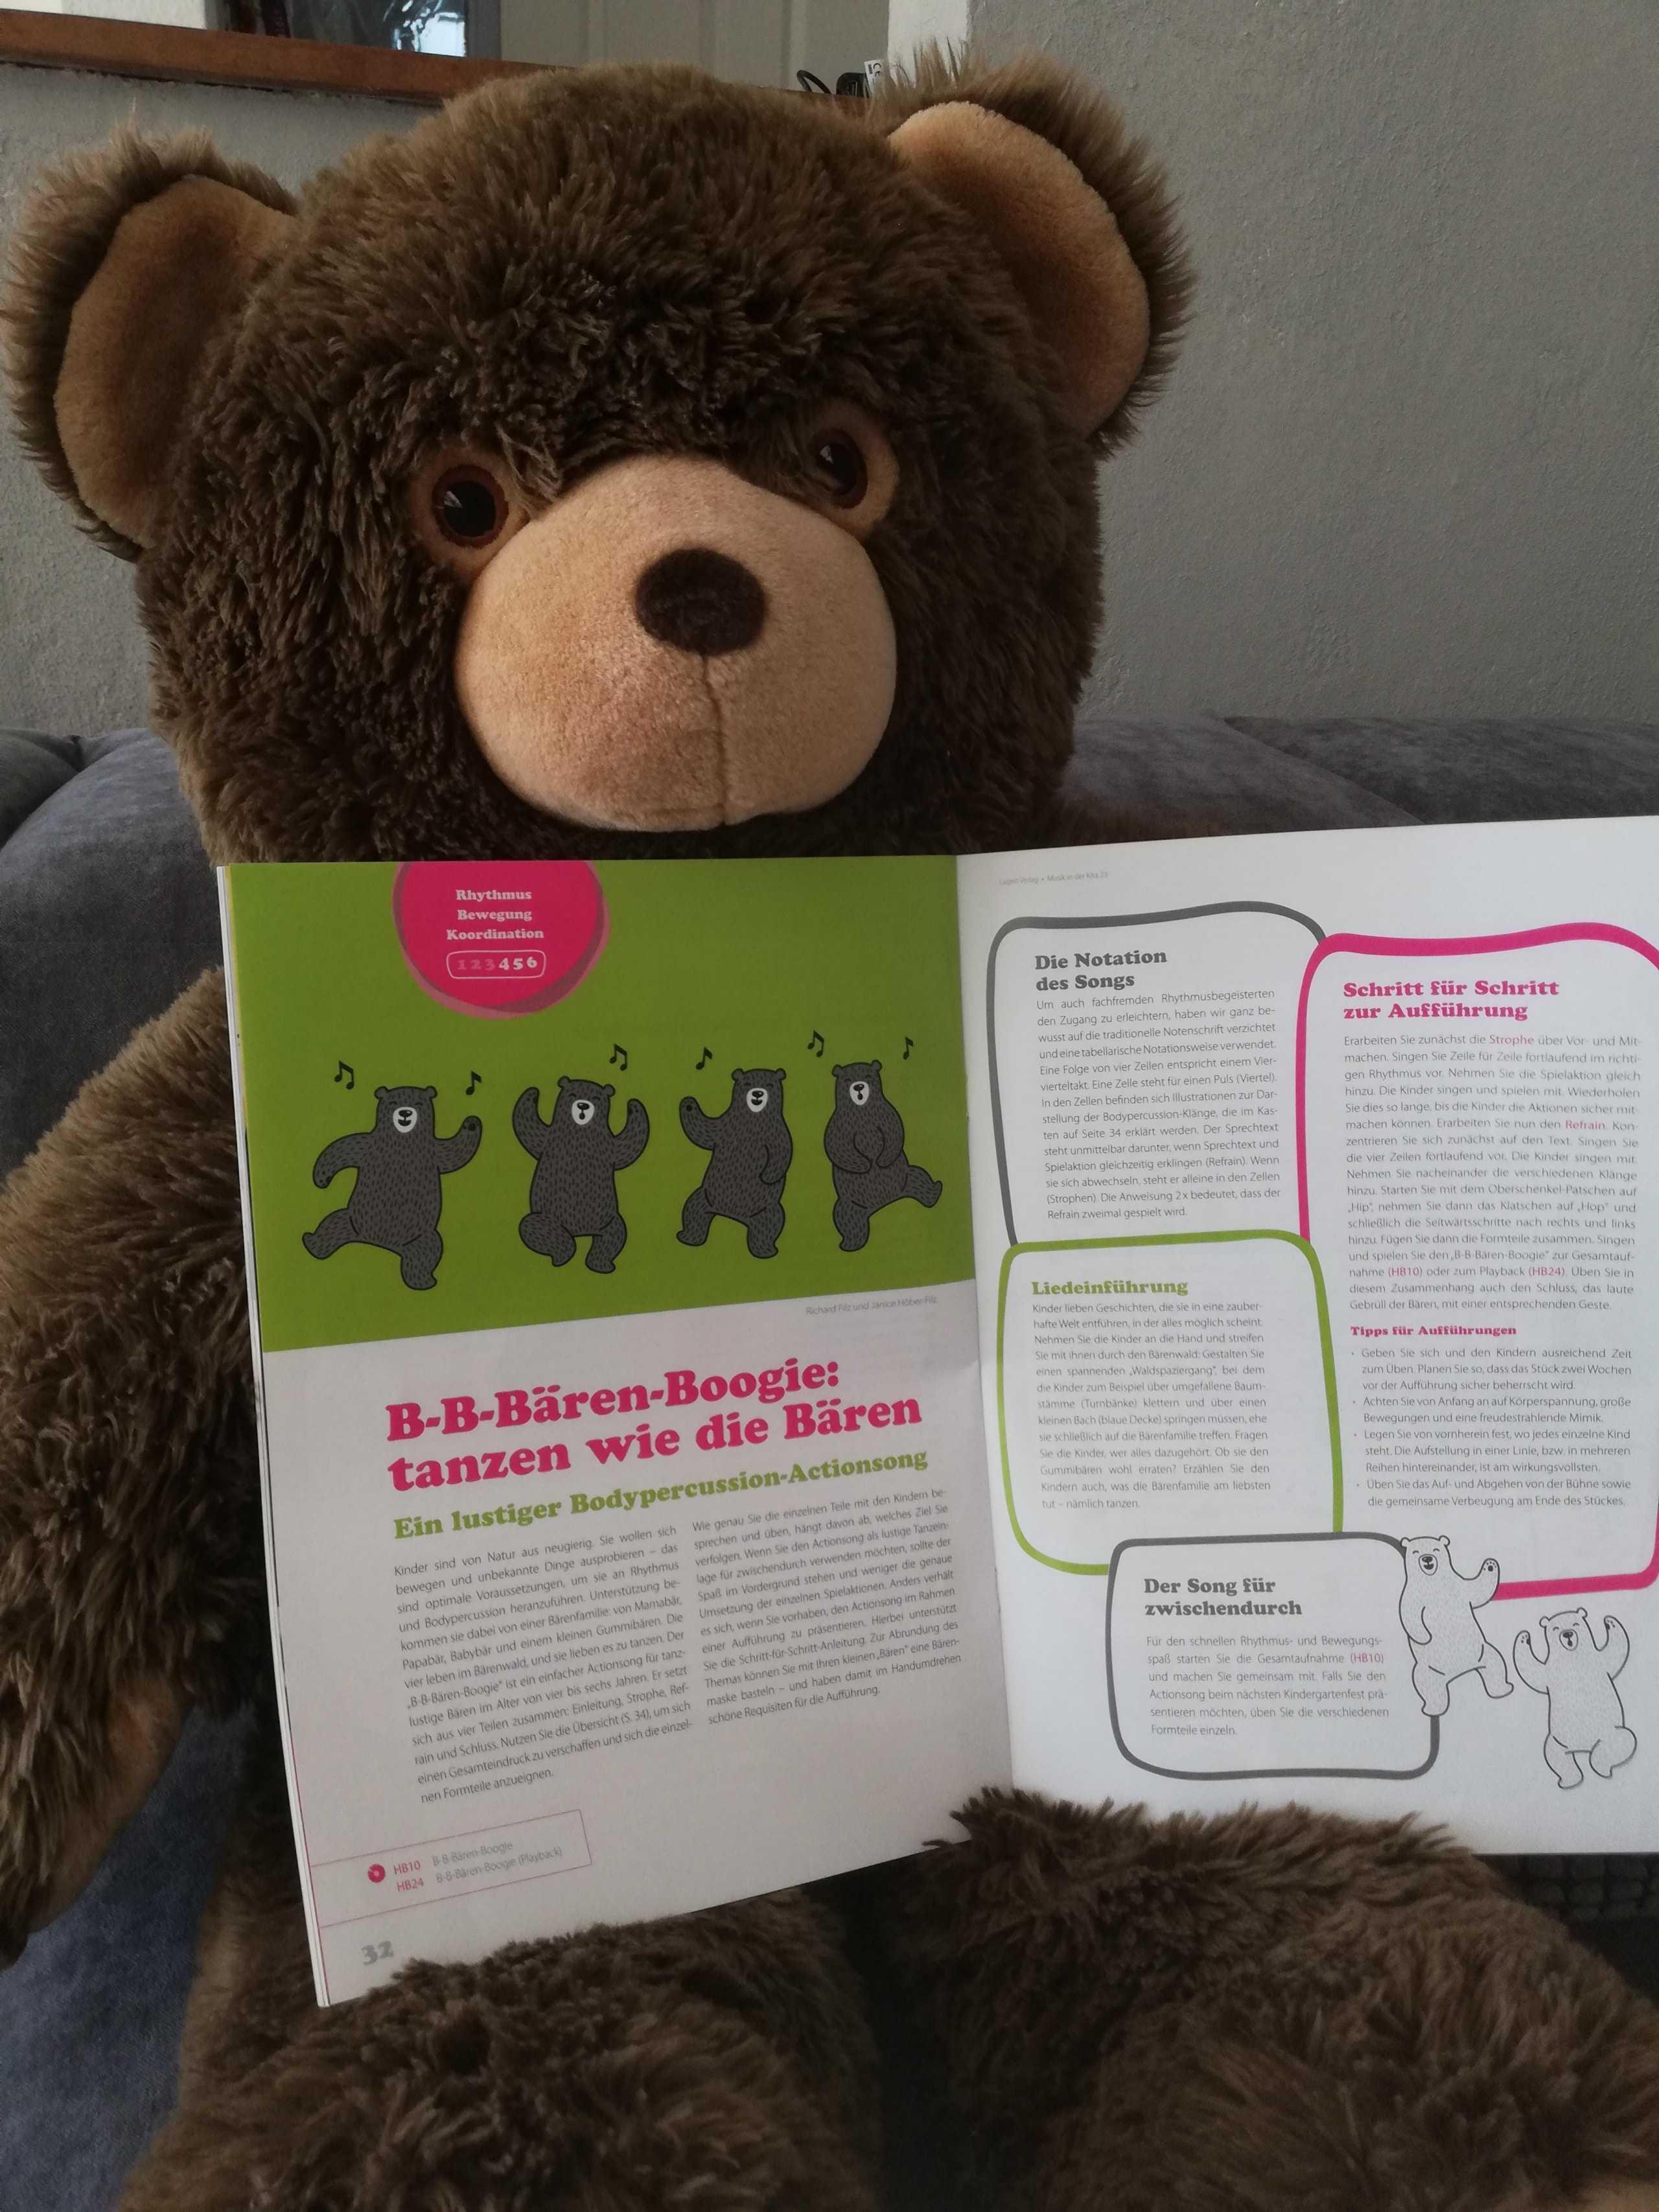 Bodypercussion Musikunterricht Kita Bären